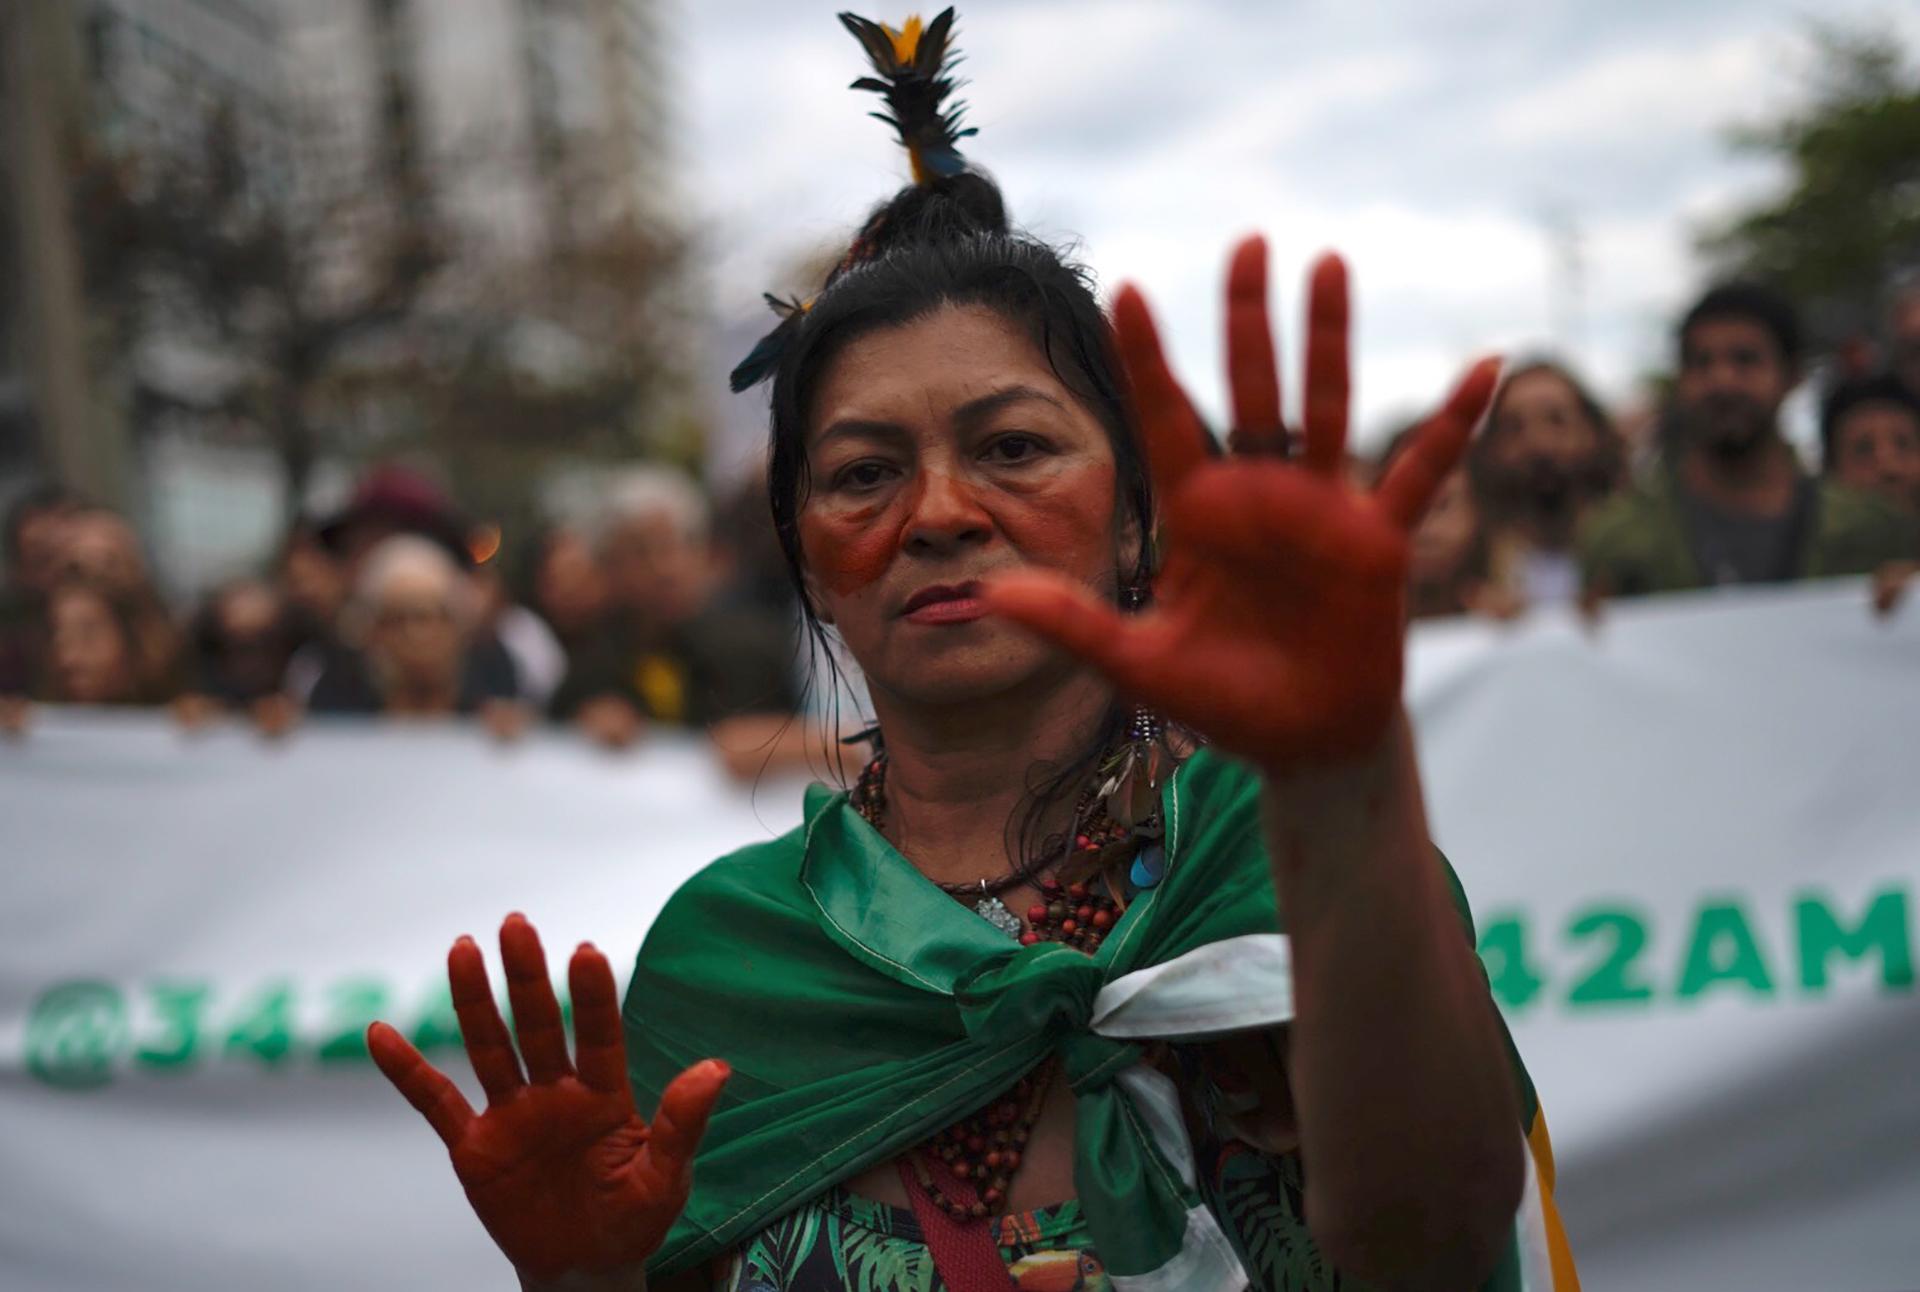 Un activista participa en la protesta en la playa Ipanema. (Foto por Mauro PIMENTEL / AFP)